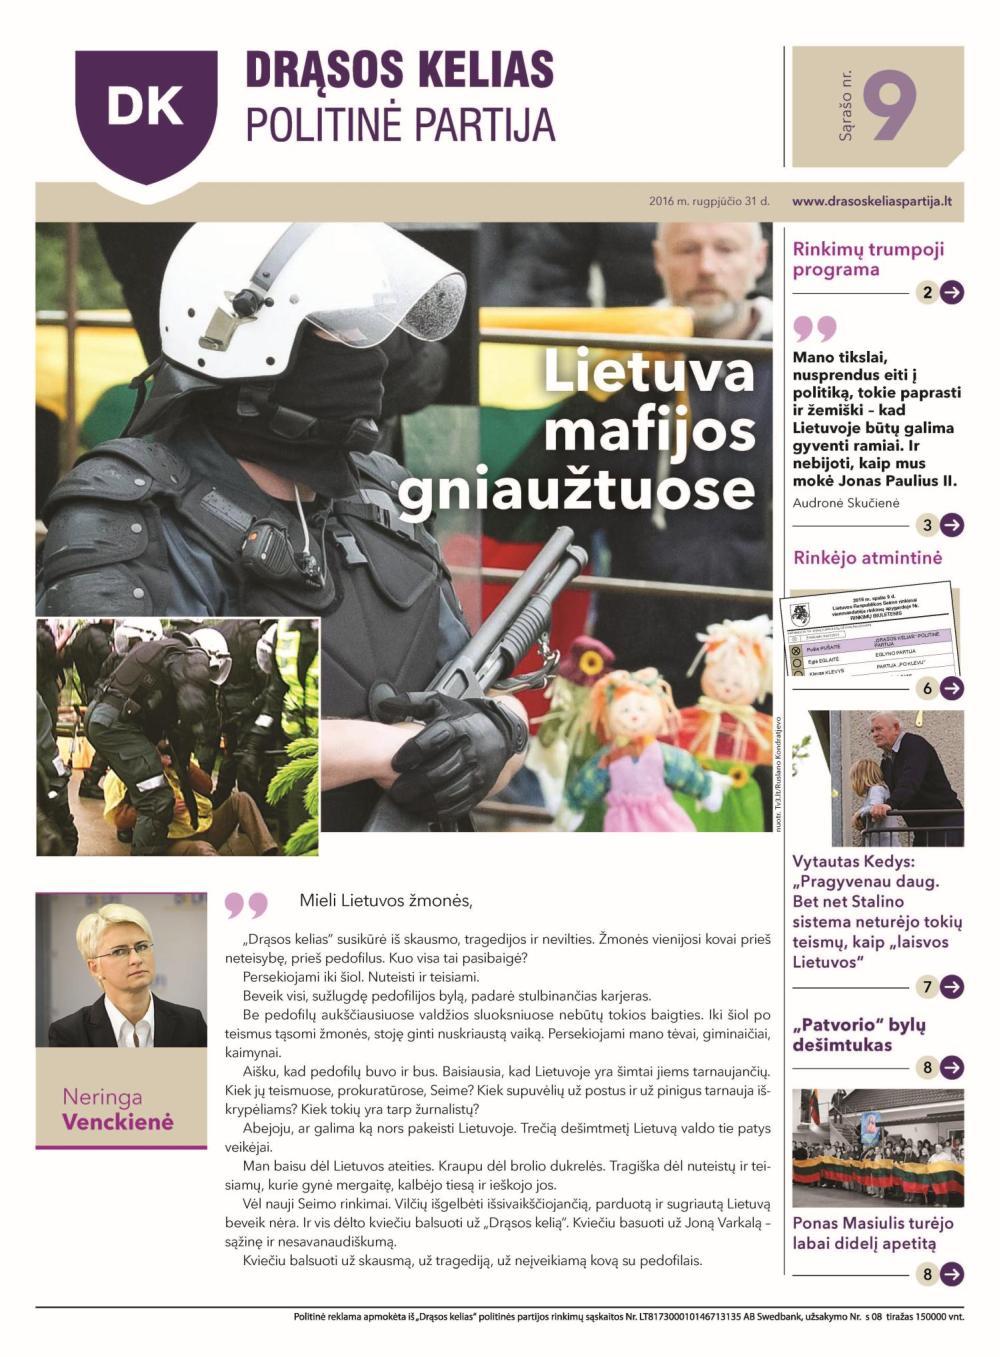 Lietuva mafijos gniaužtuose